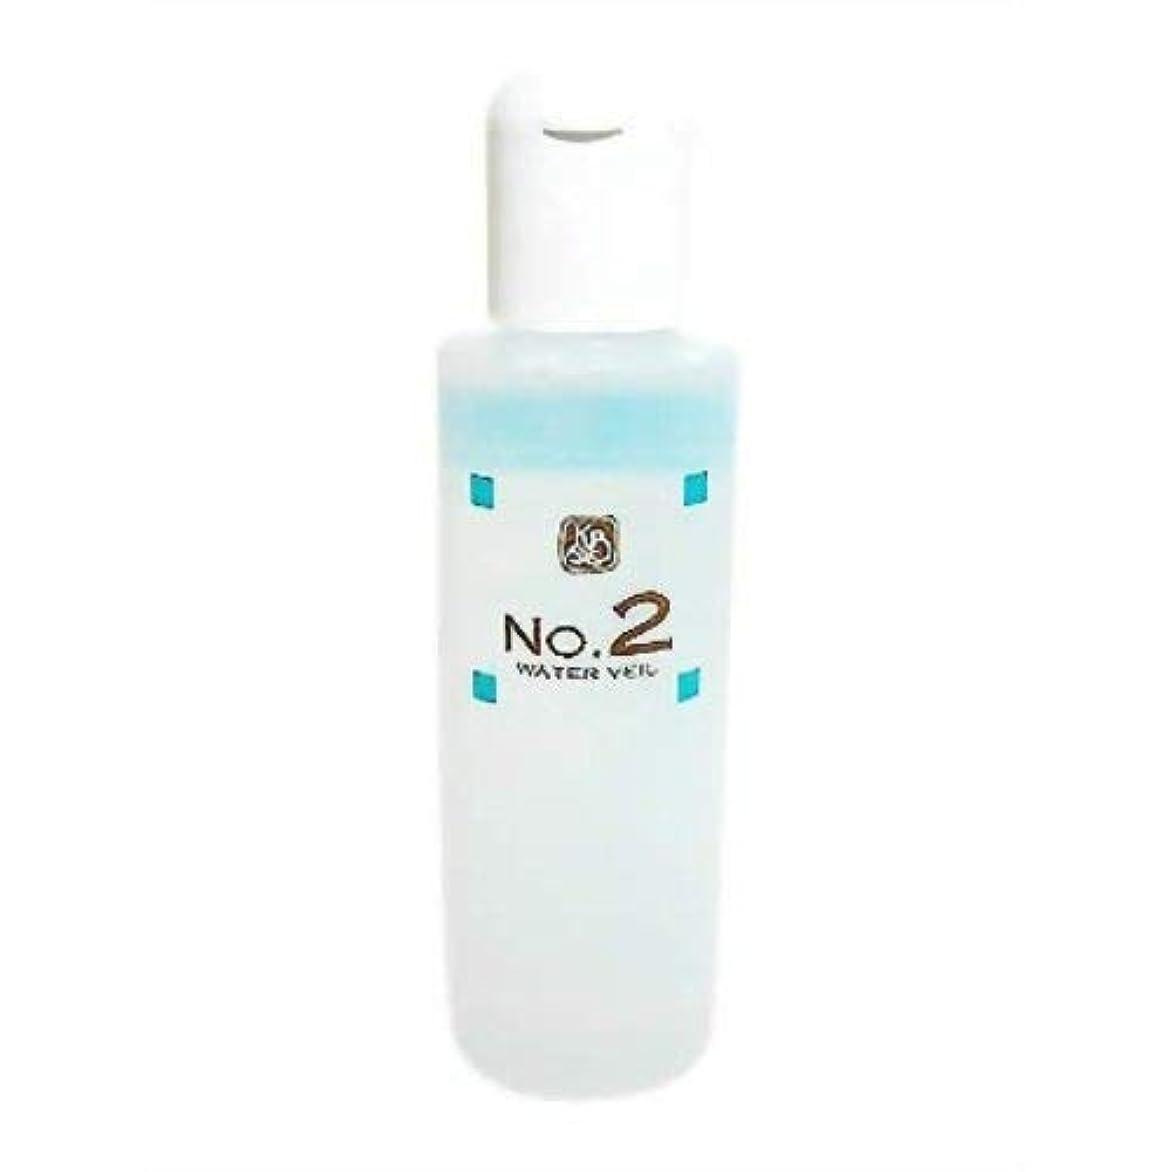 ホーム宙返りミント顔を洗う水 ウォーターベールNO2 150ml